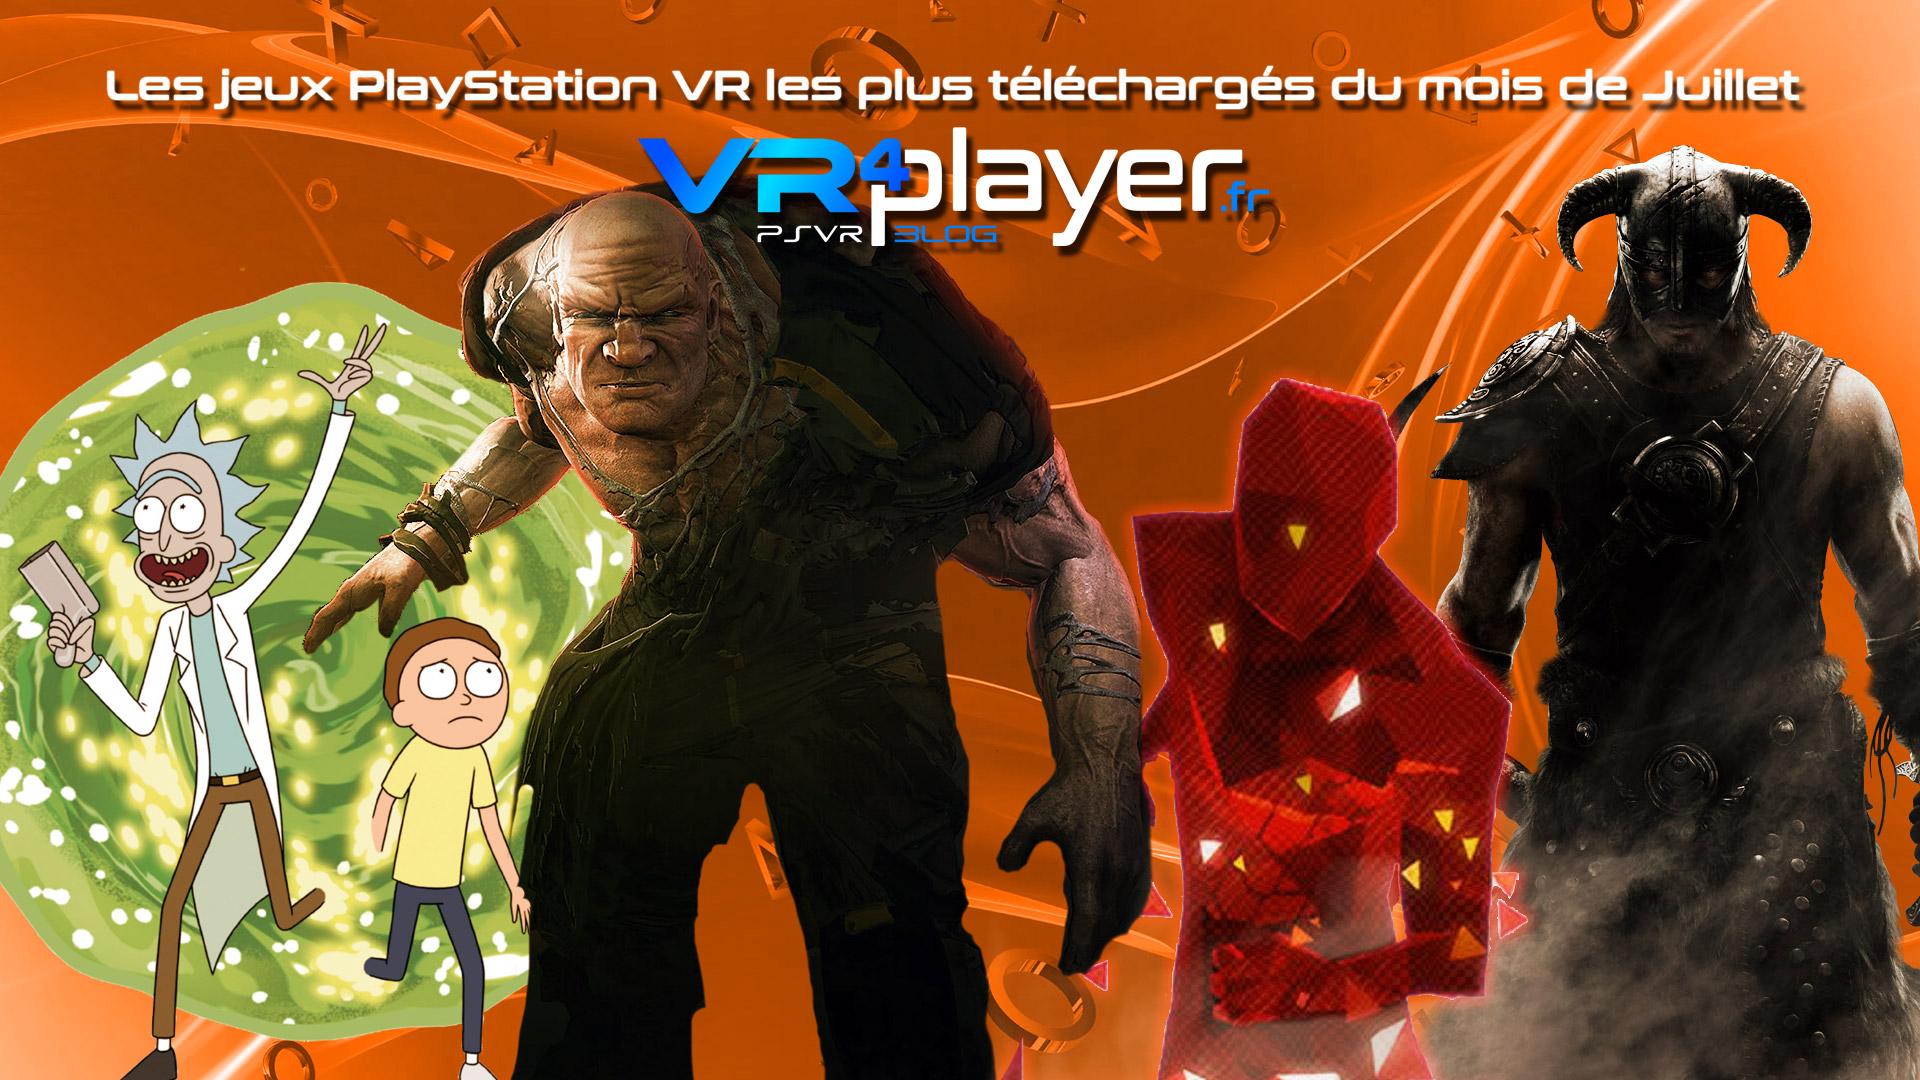 le top des ventes PSVR de juillet vr4player.fr